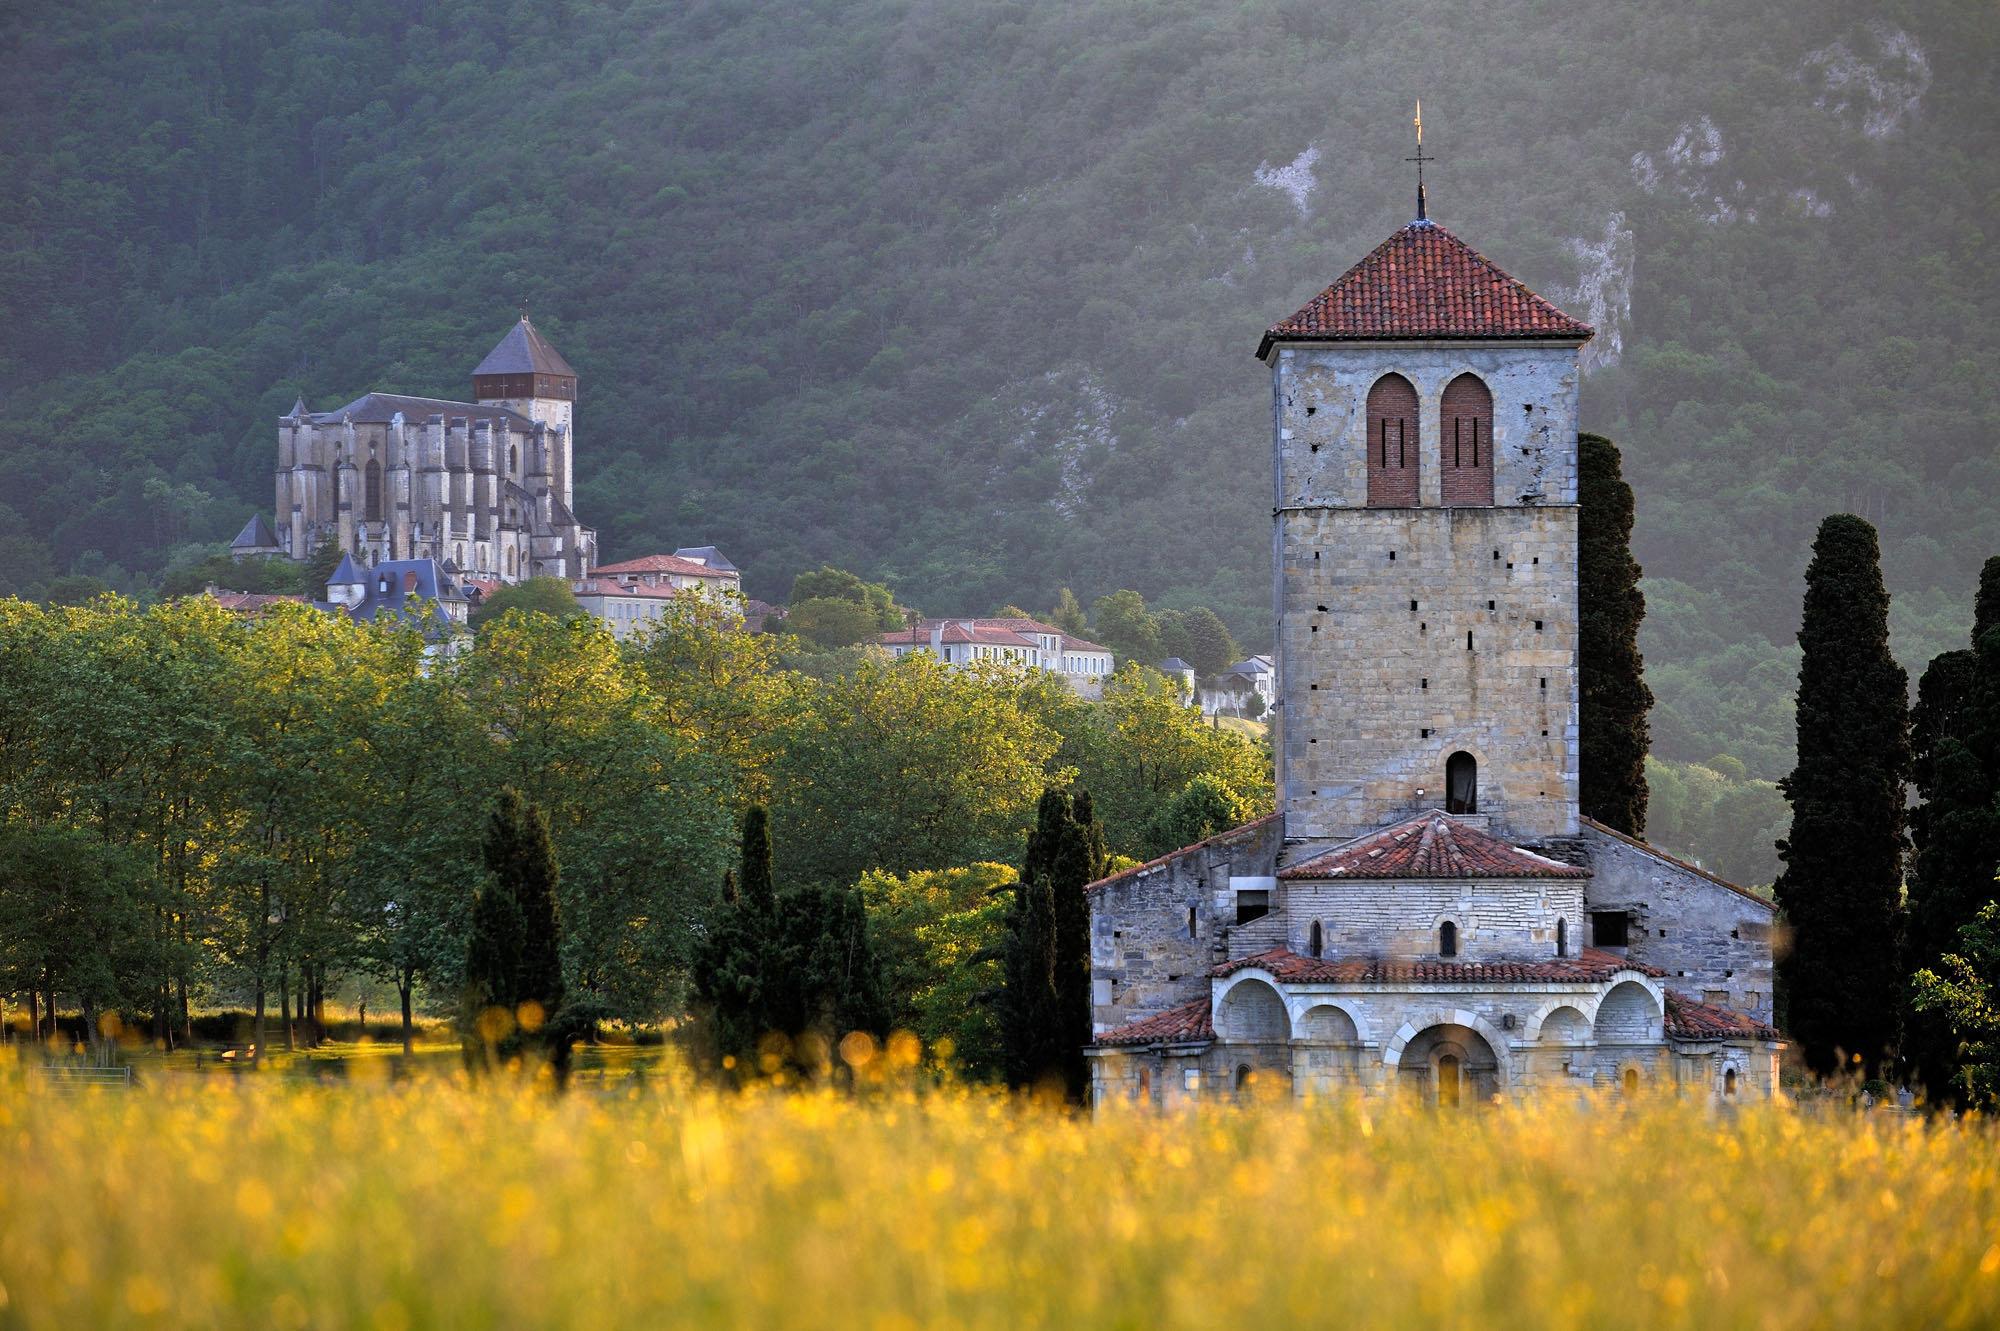 Saint-Just de Valacabrere, Saint-Bertrand de Comminges, Hautes-Pyrénées